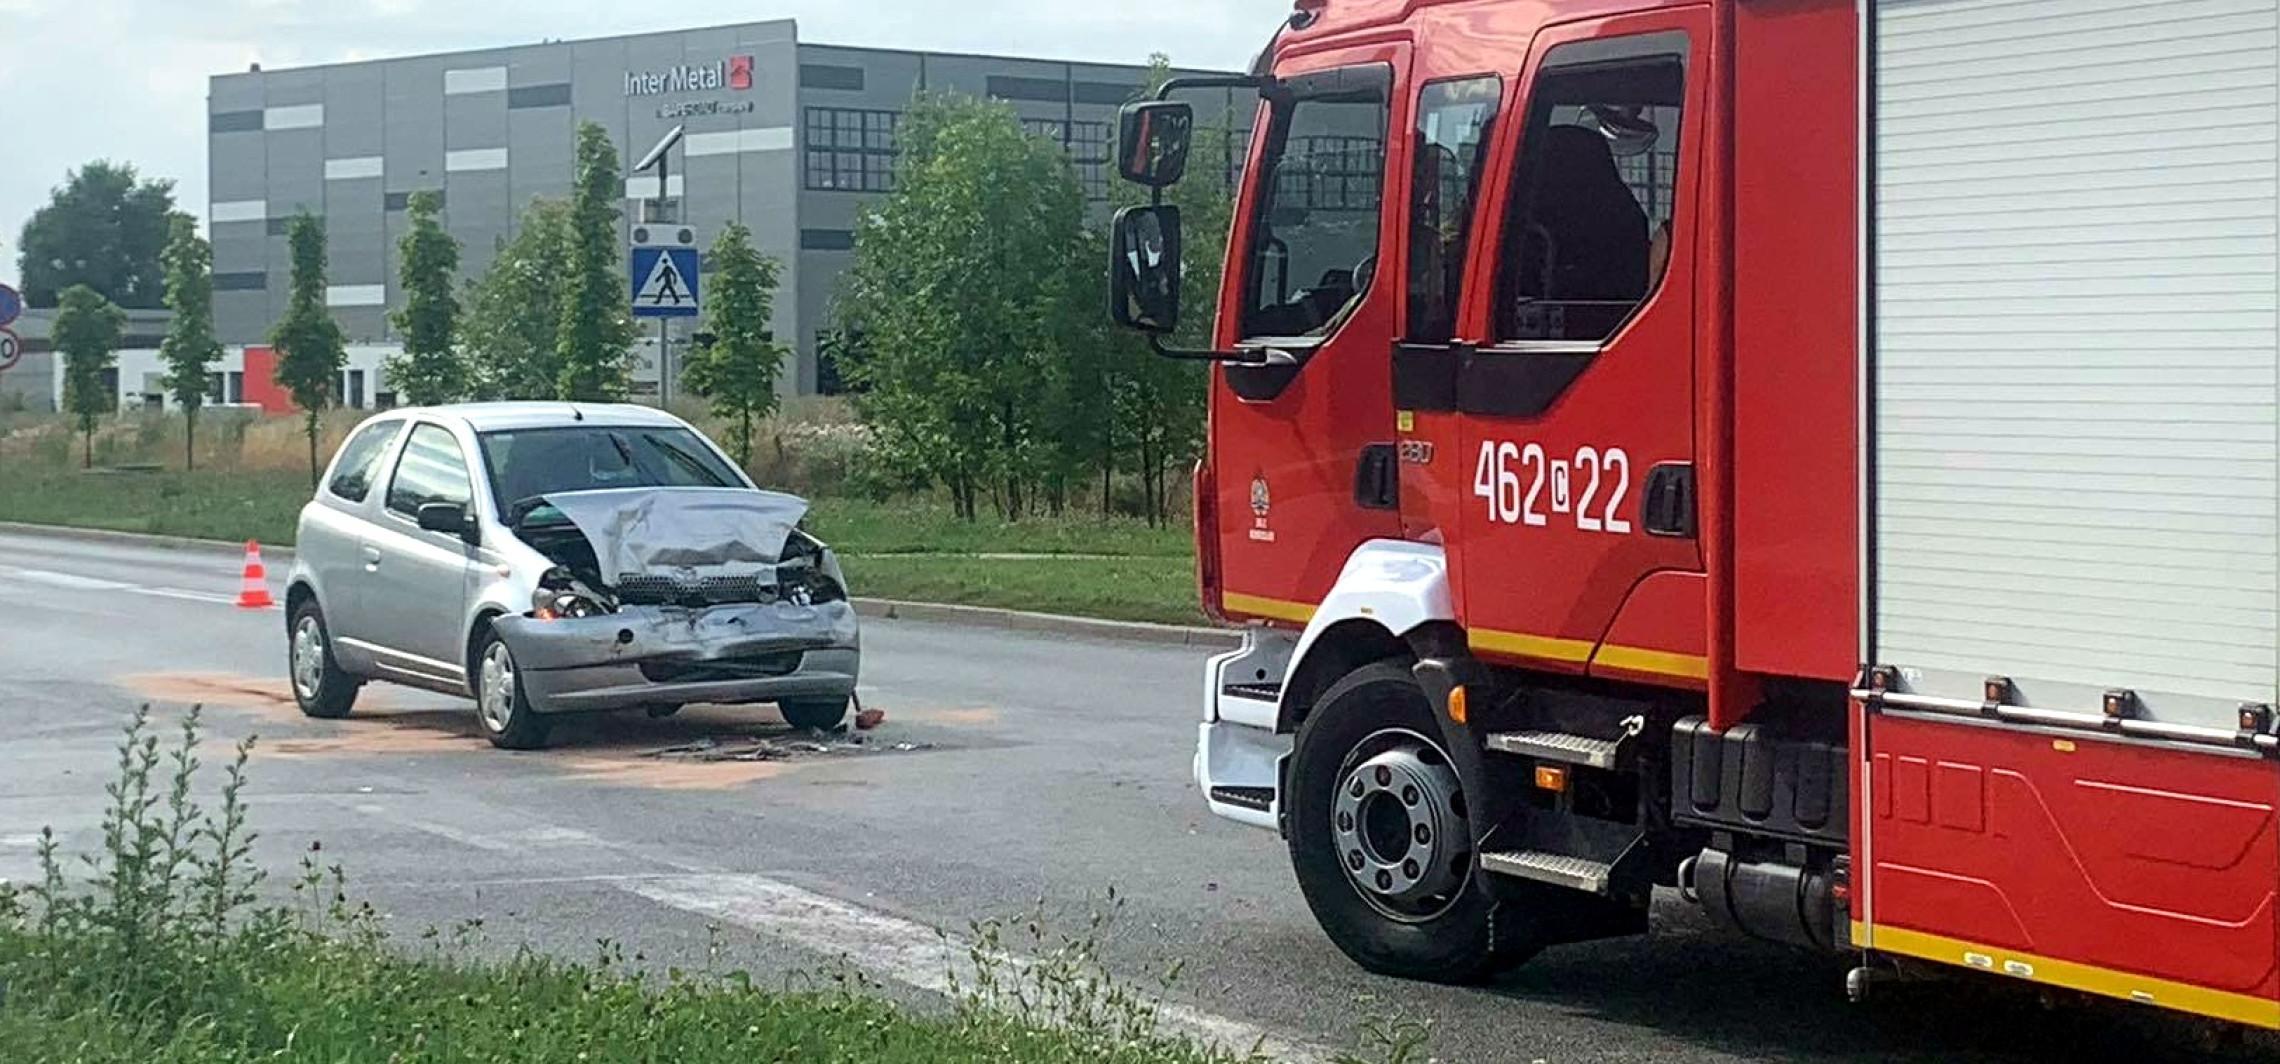 Inowrocław - Zderzenie dwóch osobówek na ulicy Pileckiego